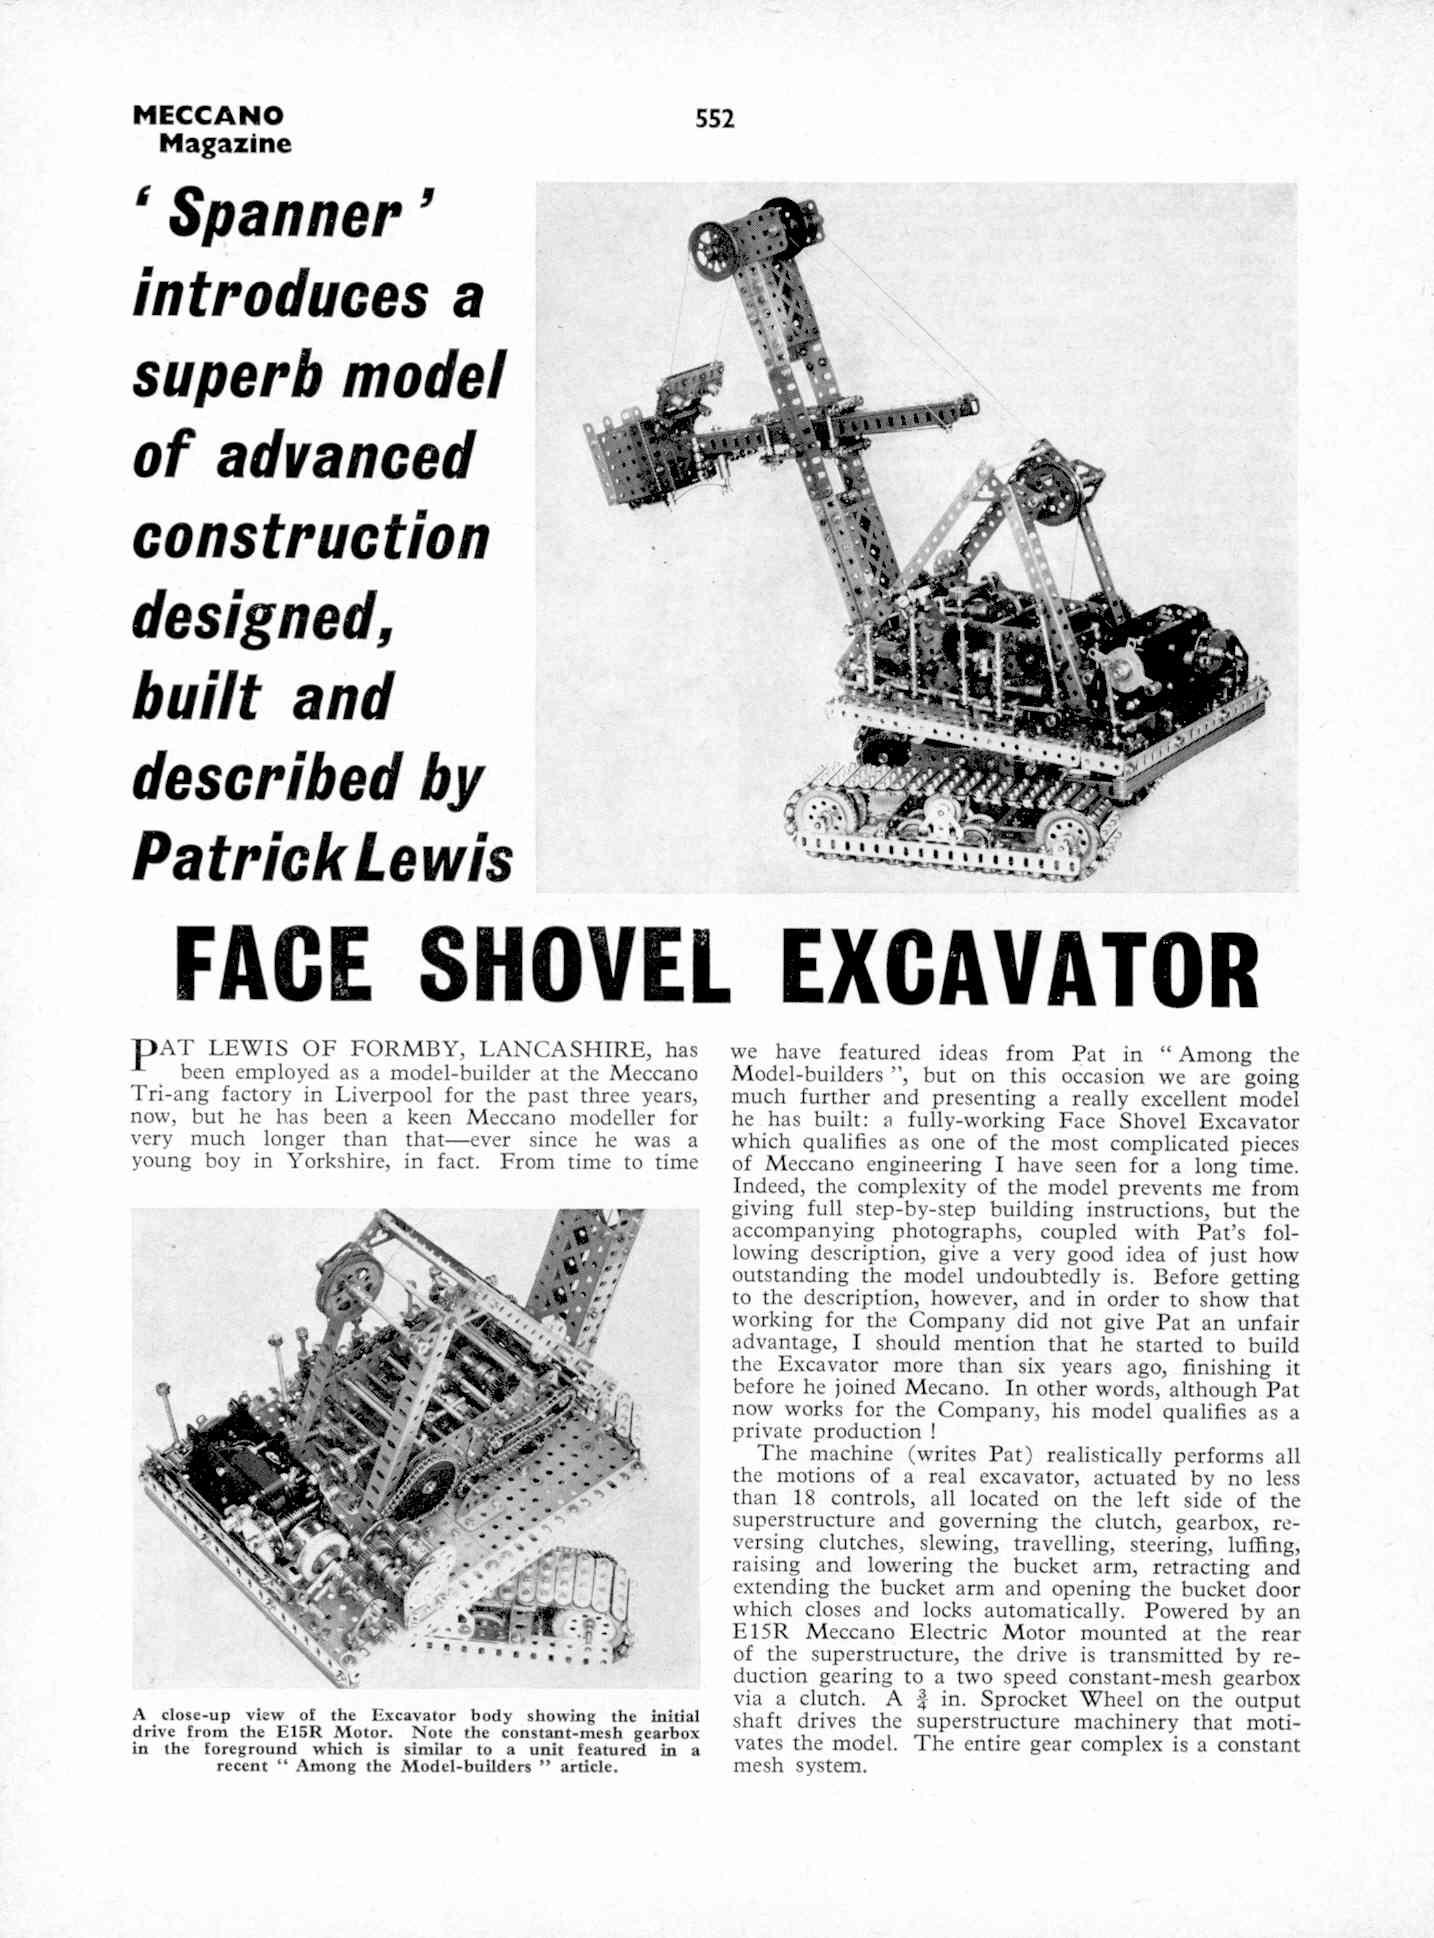 UK Meccano Magazine October 1970 Page 552